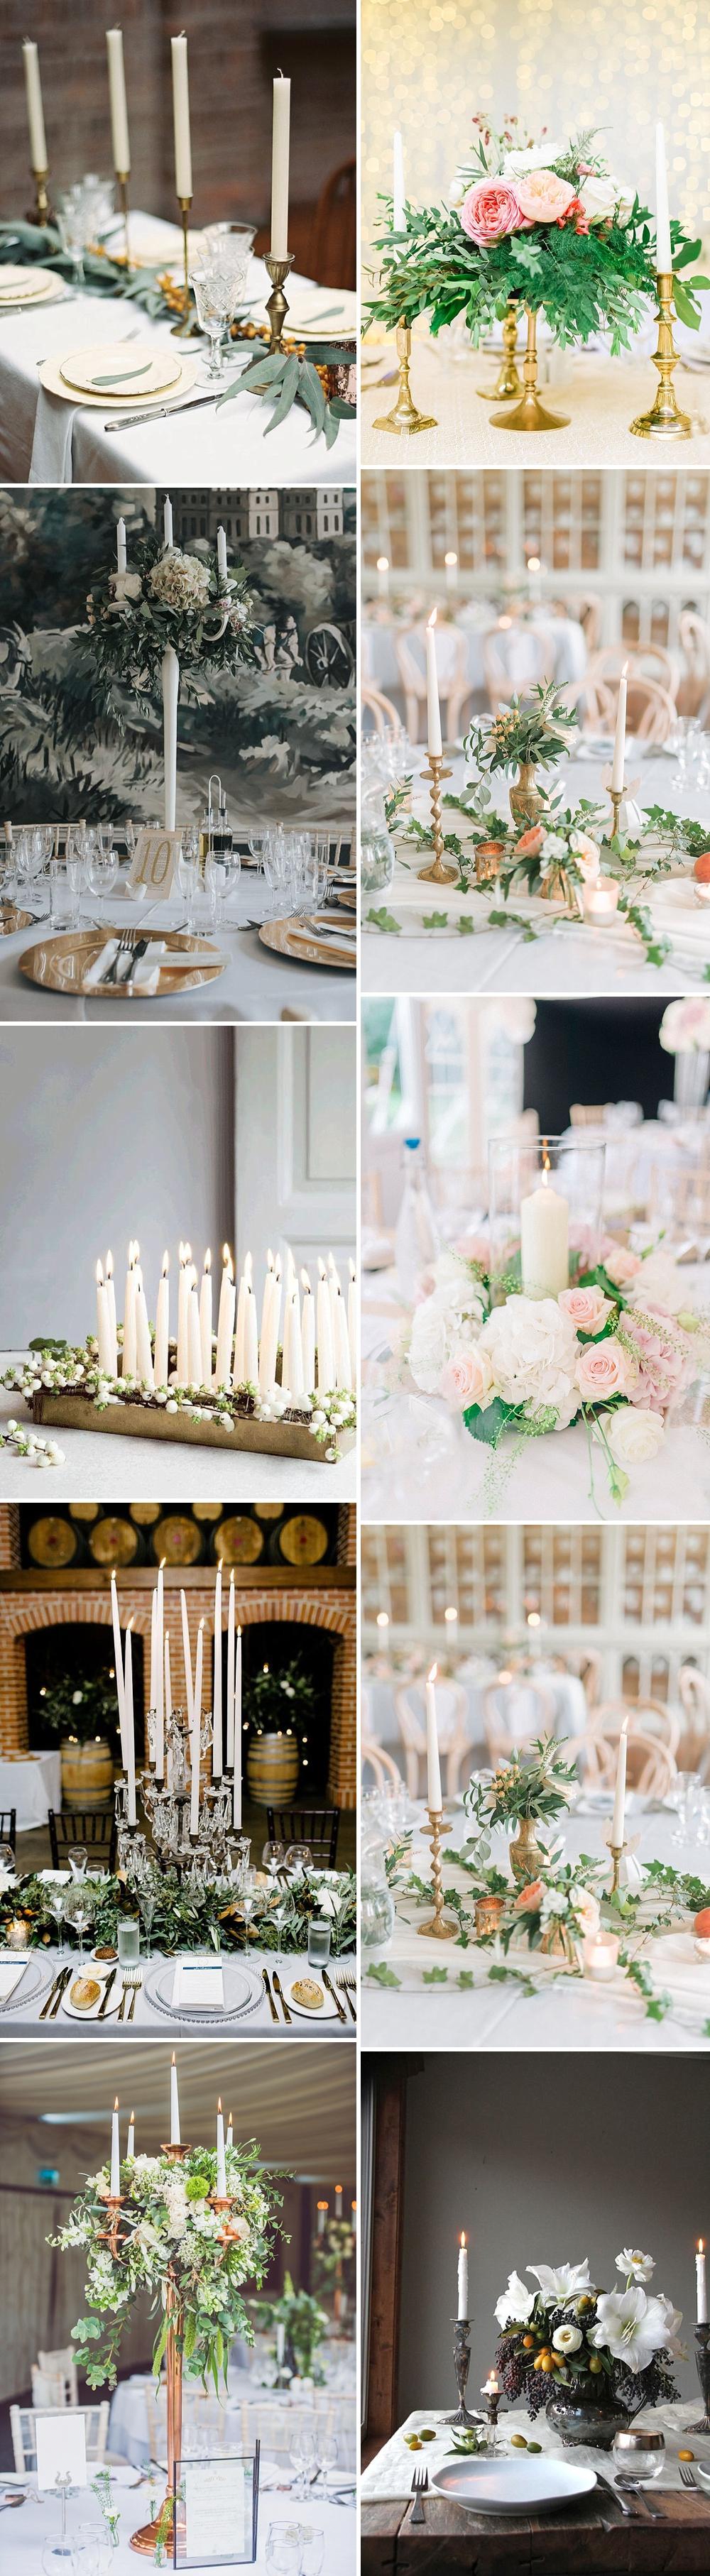 b410a8a0e98c Το φως που δίνουν είναι τόσο απίστευτα ρομαντικό και θα σιγουρευόμουν ότι  υπήρχαν σε όλα τα τραπέζια την ημέρα του γάμου.